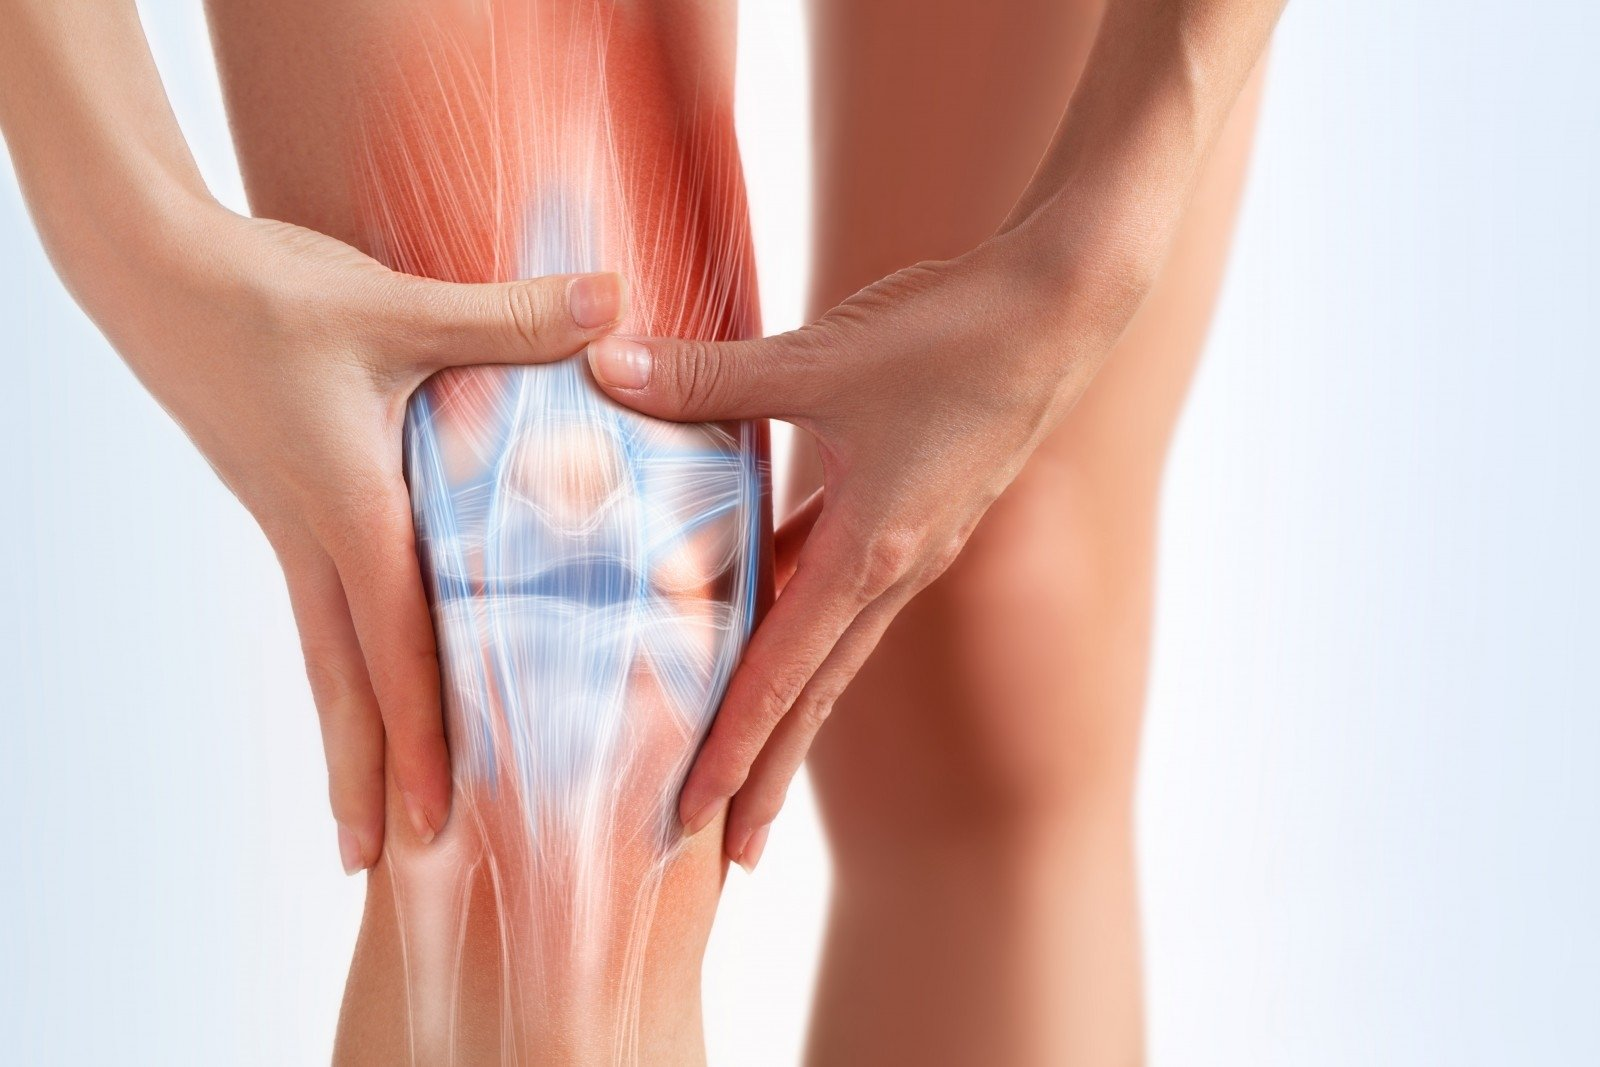 fitobalzam nuo skausmo raumenų ir sąnarių priemonė sąnarių iš bulvių daigais